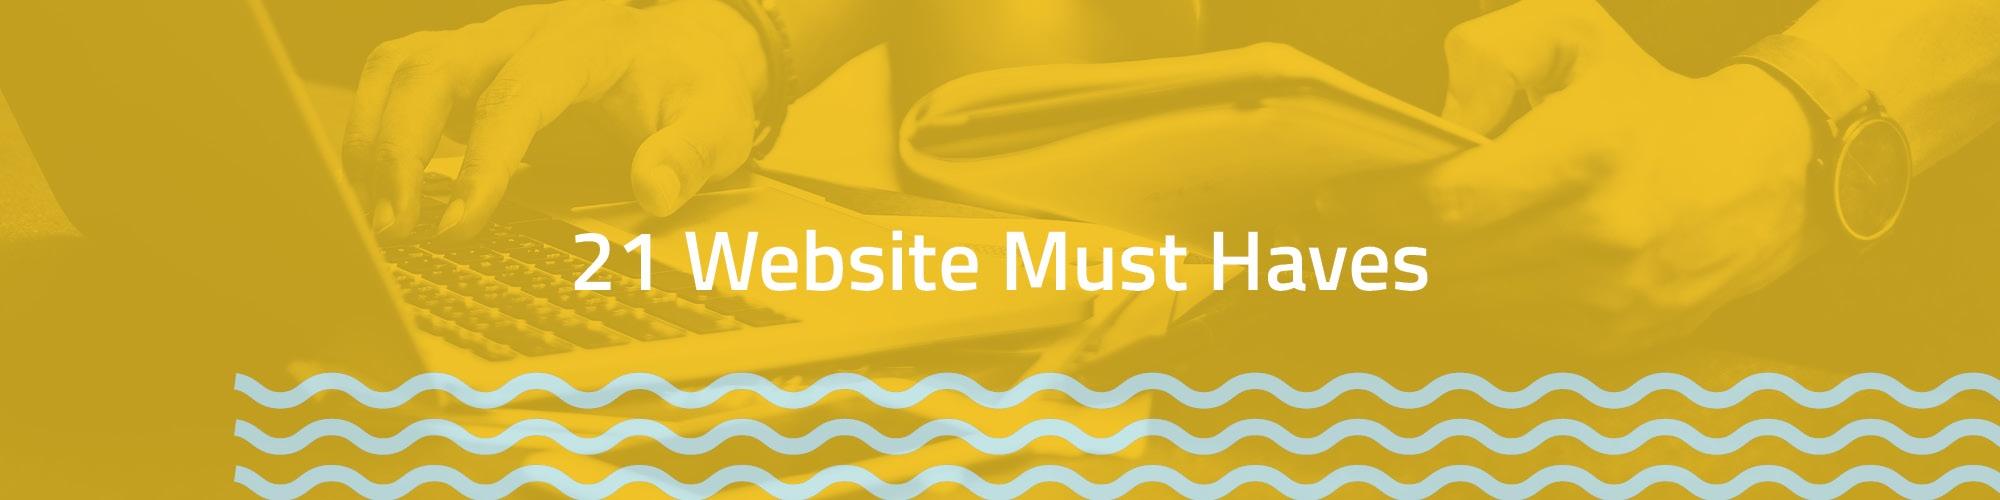 21 Website Must-Haves Imagewerks Marketing